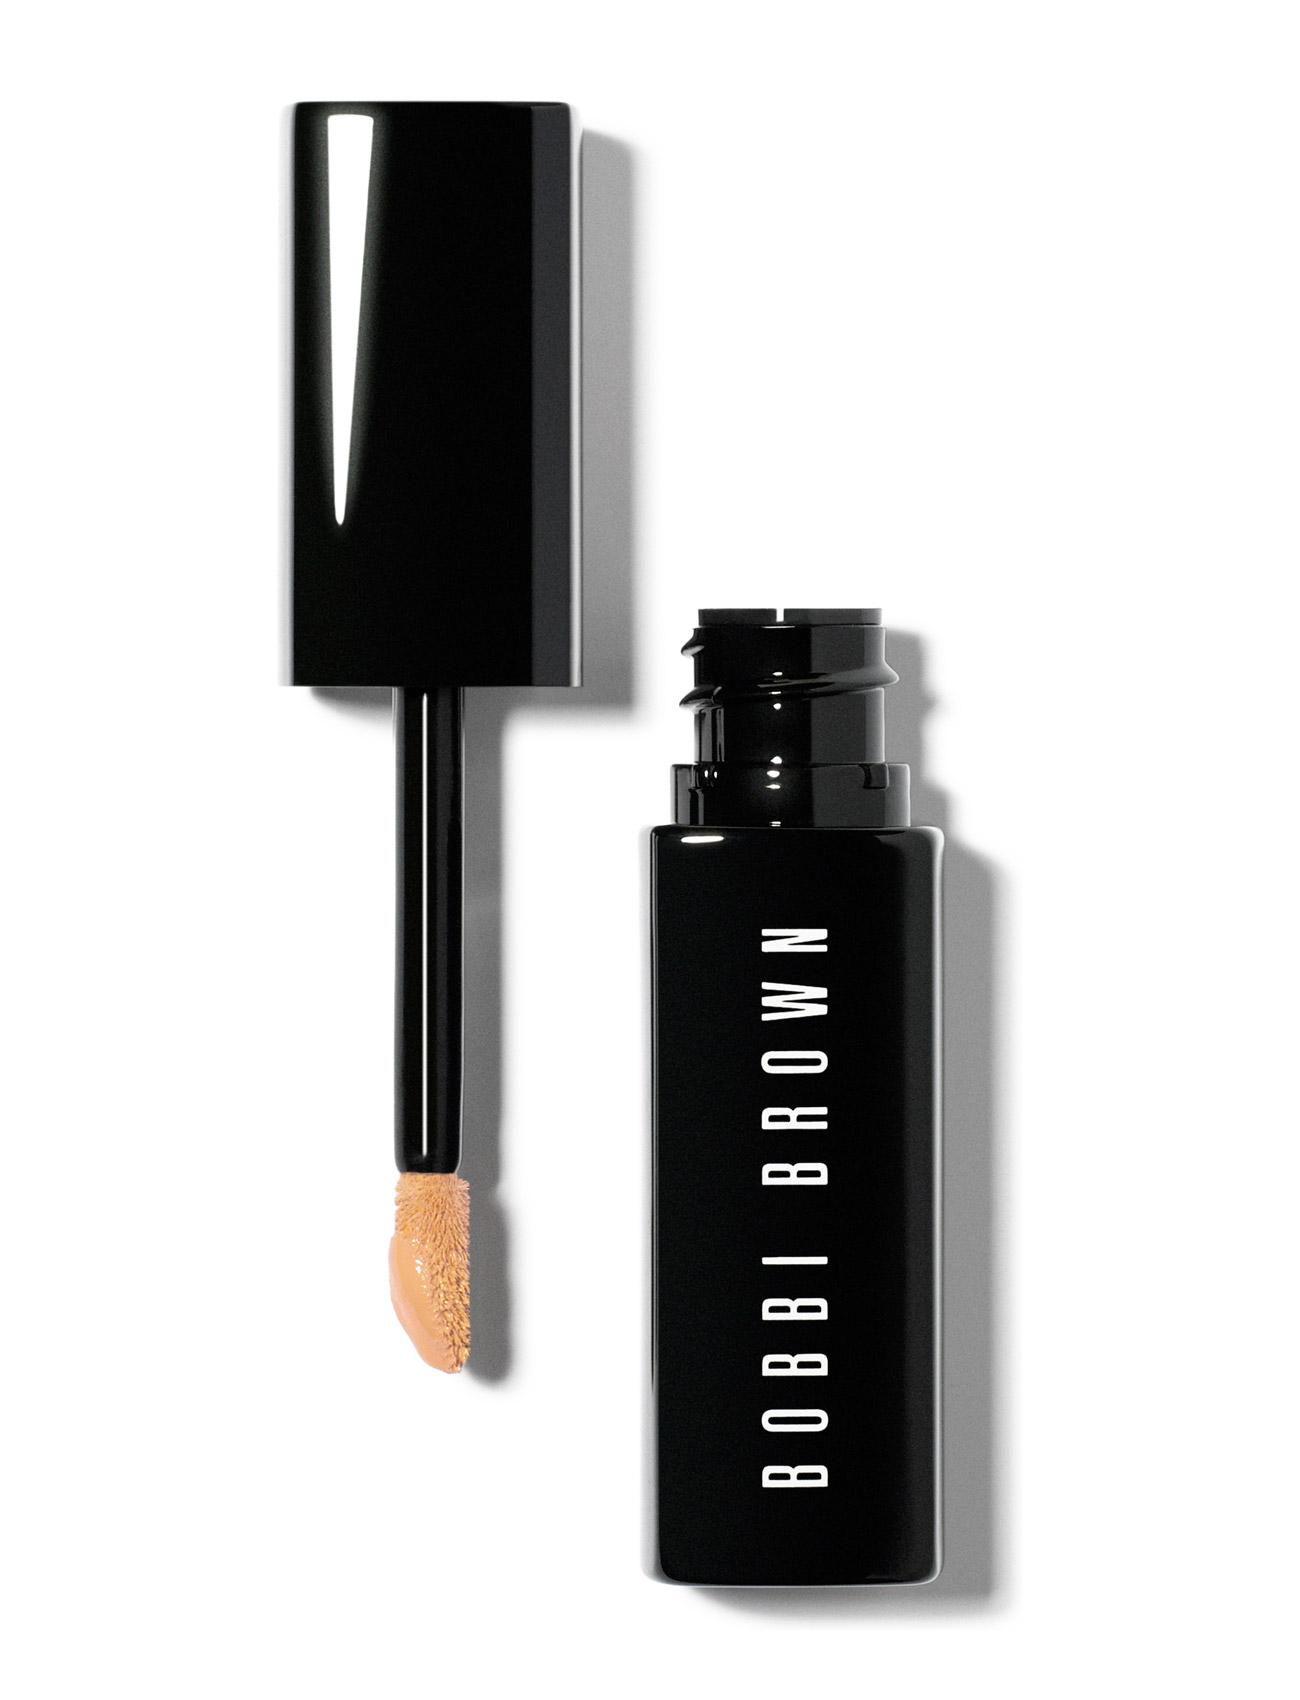 bobbi brown – Intensive skin serum concealer-01 porcelain på boozt.com dk